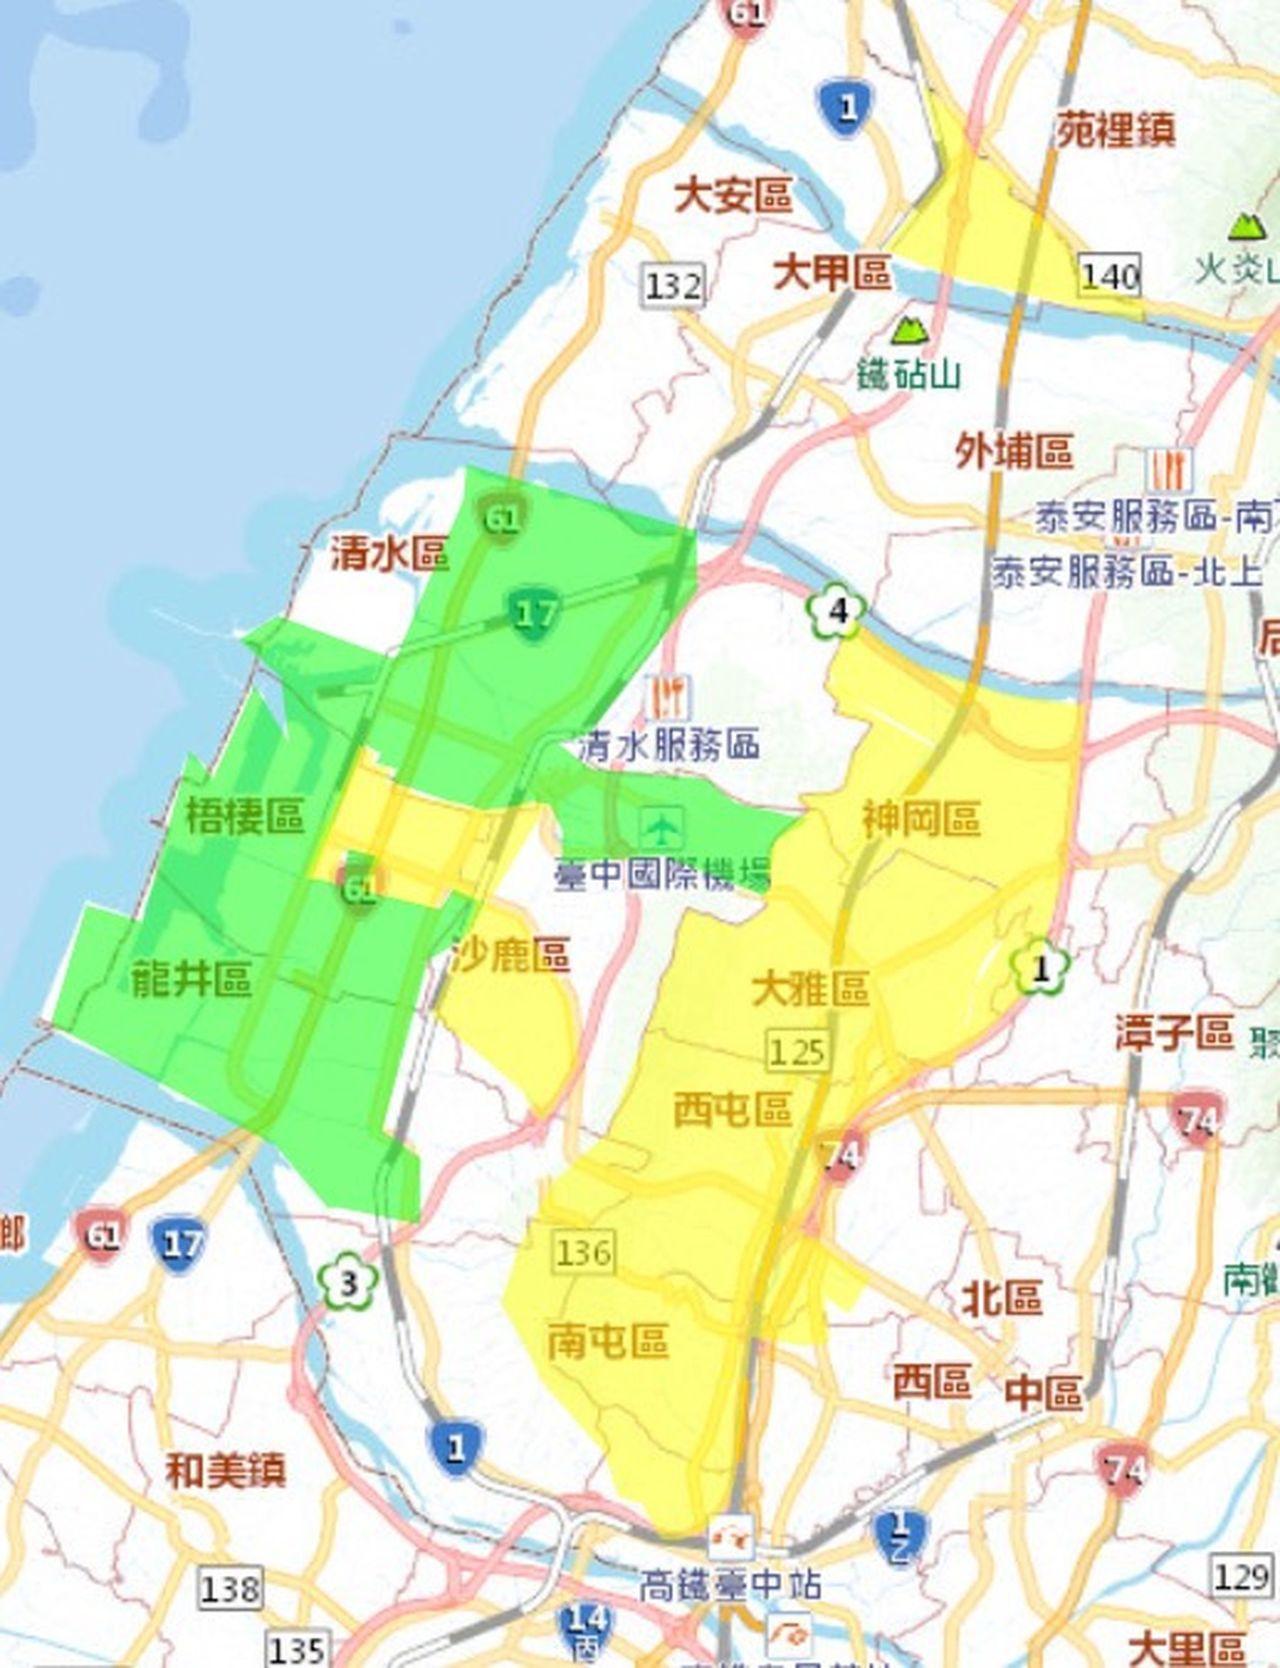 自來水公司緊急搶修鯉魚潭給水廠原水管線設備,台中市10萬3千戶從今天下午2時起停...